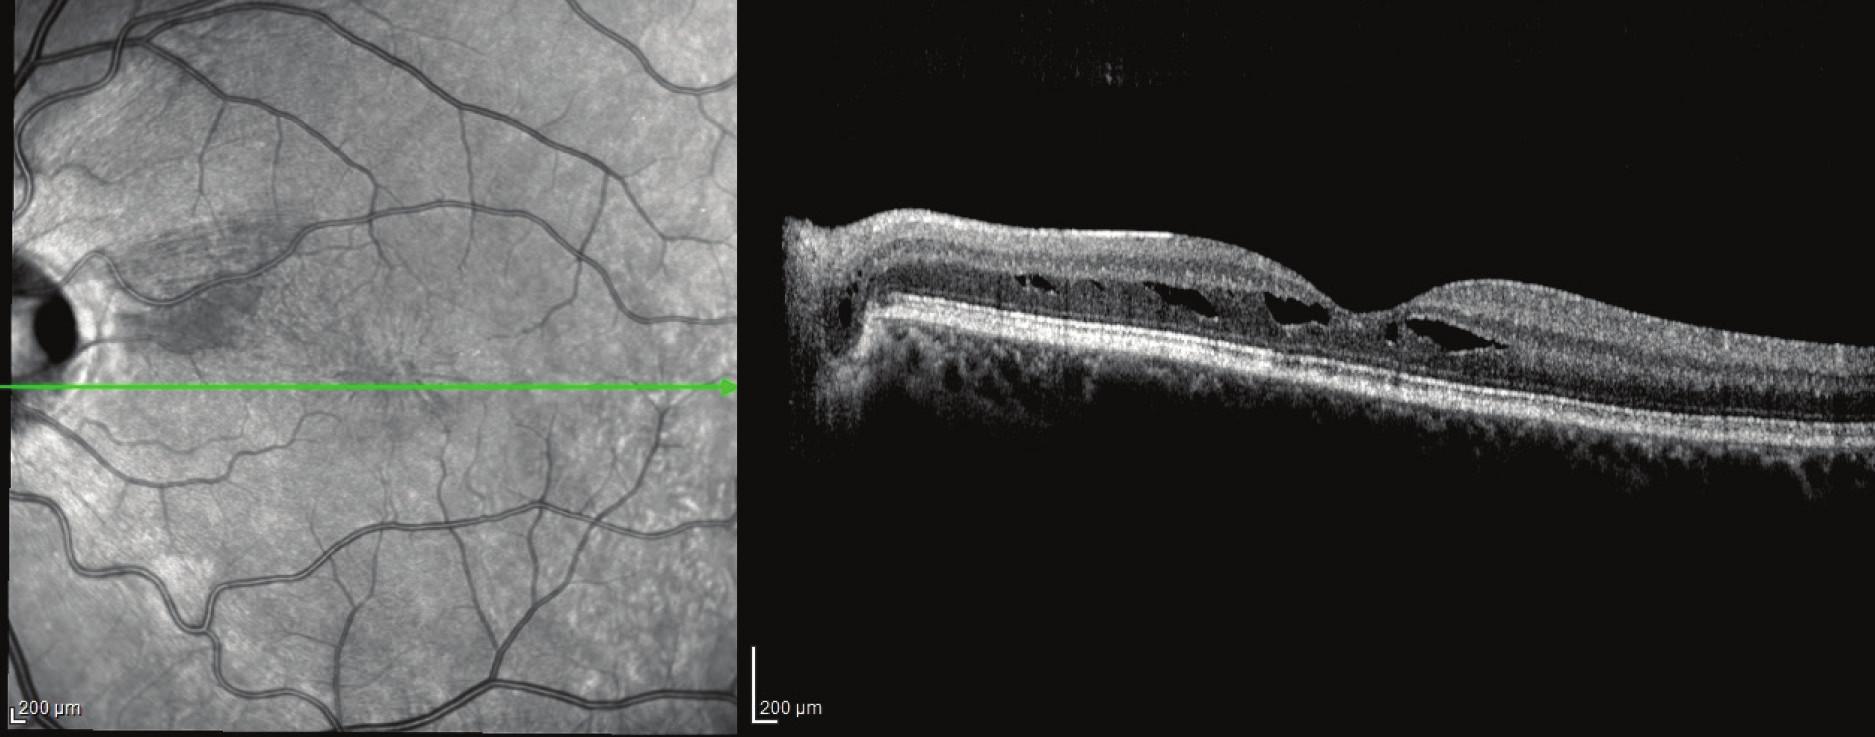 Pacient č. 4 Lineální horizontální transpapilární OCT sken OL po PPV, resorbce subretinální tekutiny a uzavřená komunikace mezi jamkou terče a makulární retinochízou zevní vrstvy sítnice